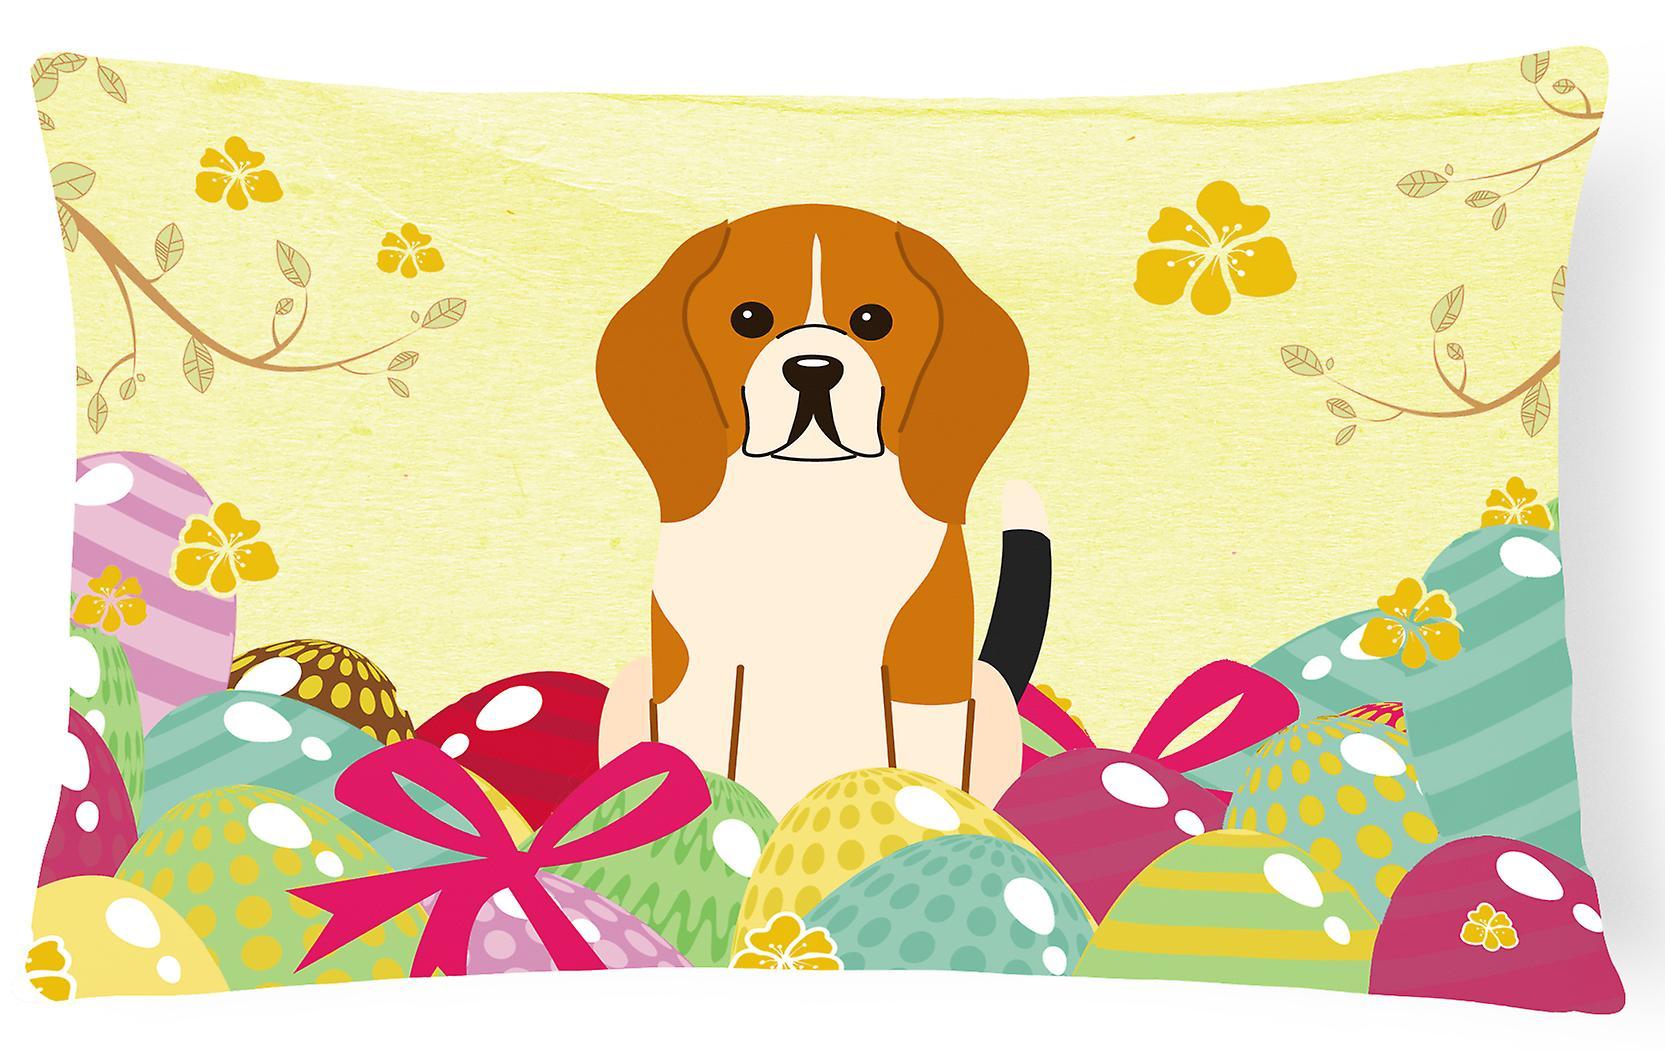 De Oeufs Tissu Oreiller Beagle Toile Décoratif Pâques Tricolore MpqSGzLVU